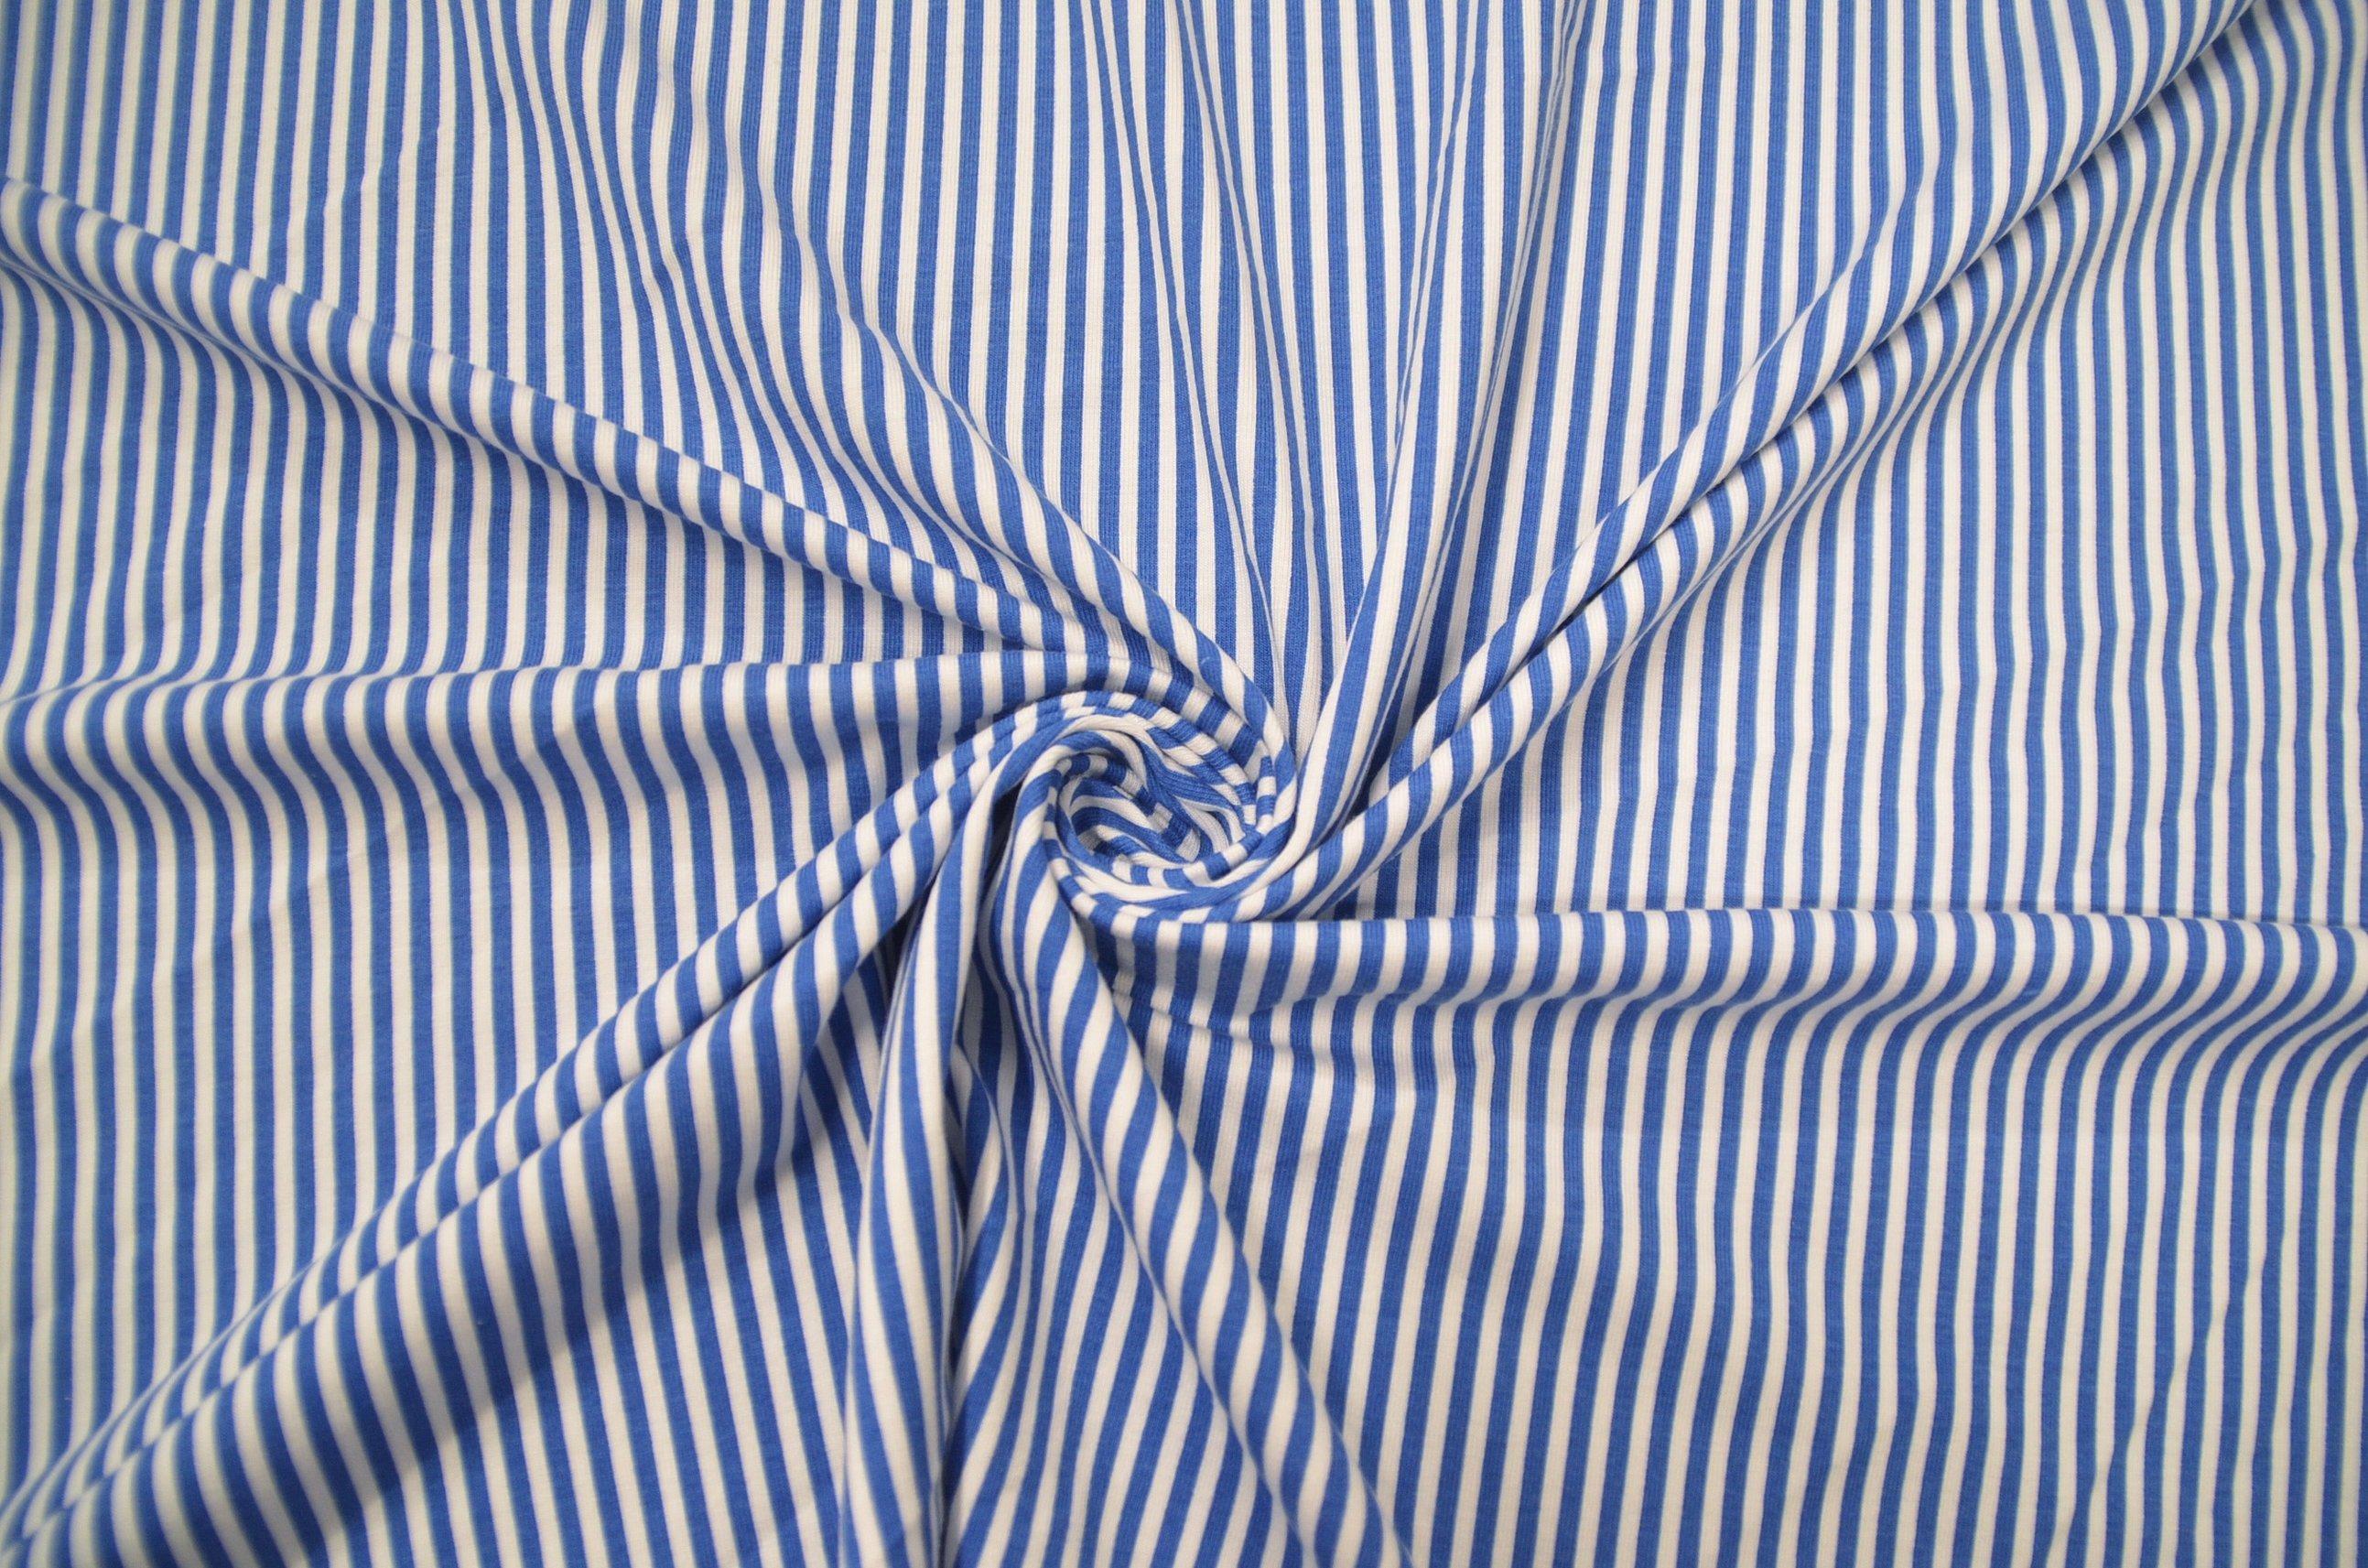 Ткань хлопок италия в полоску голубой